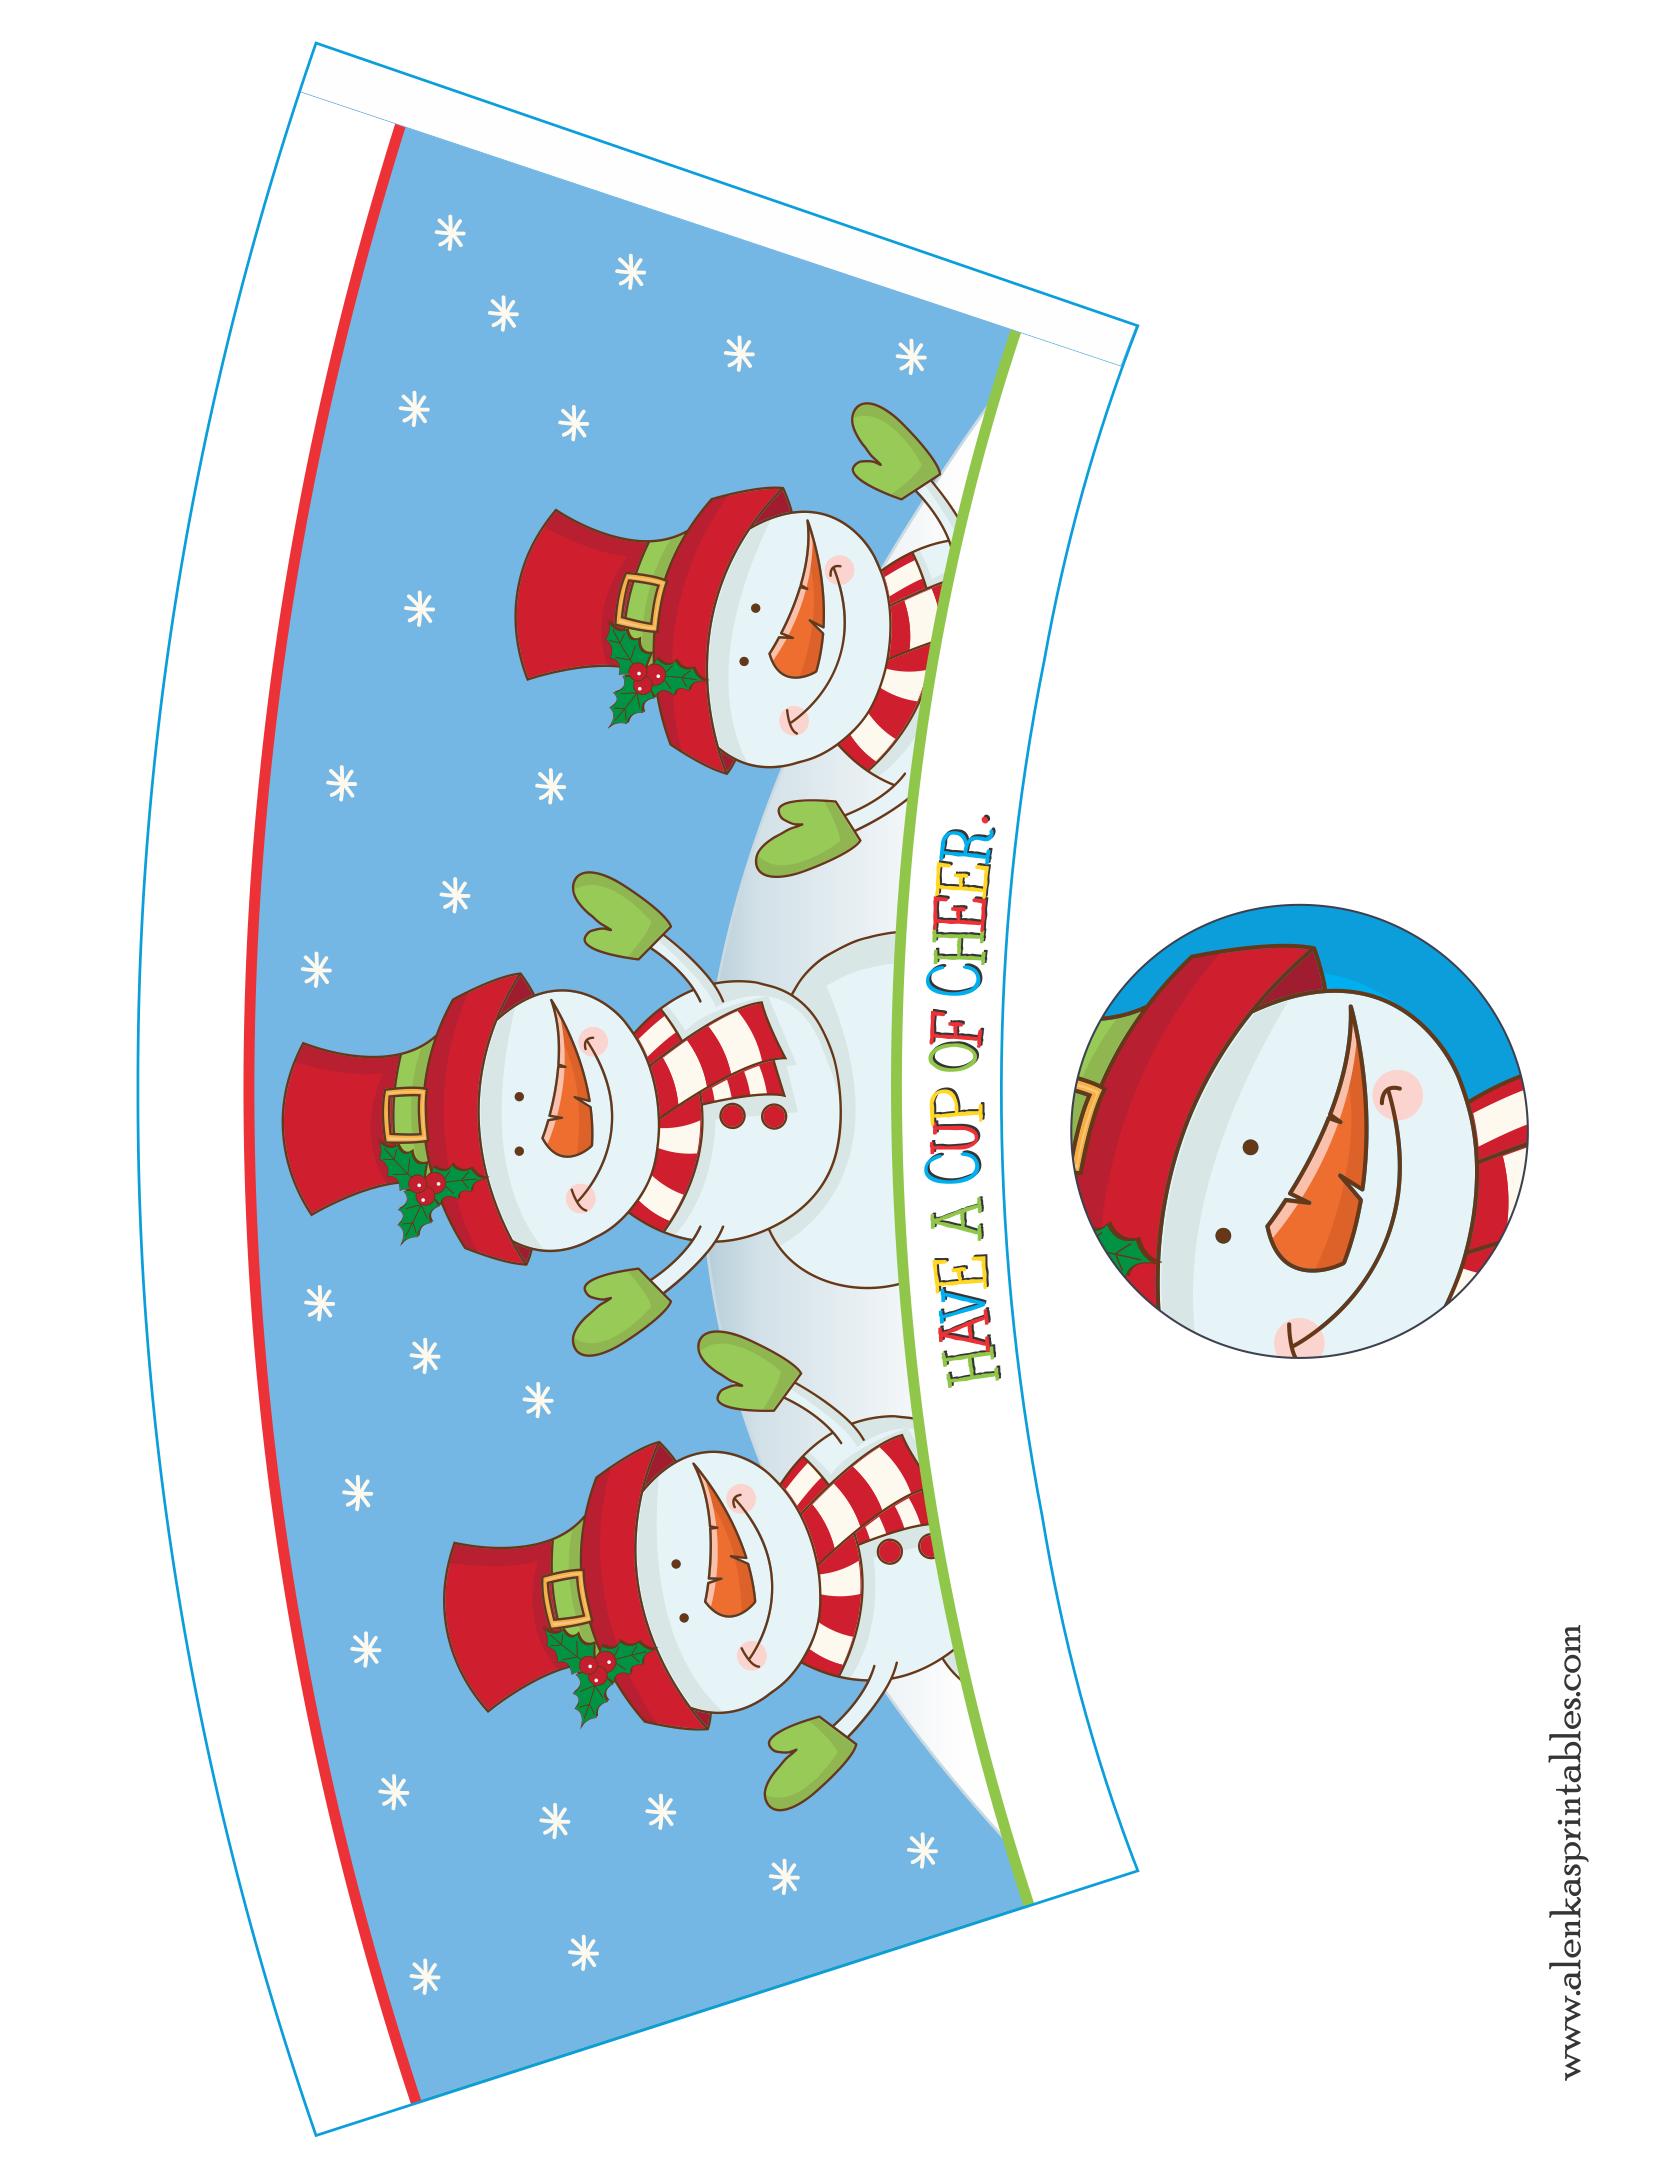 25 Days Of Christmas By Alenka S Printalbes 25 Days Of Christmas Xmas Printables Christmas